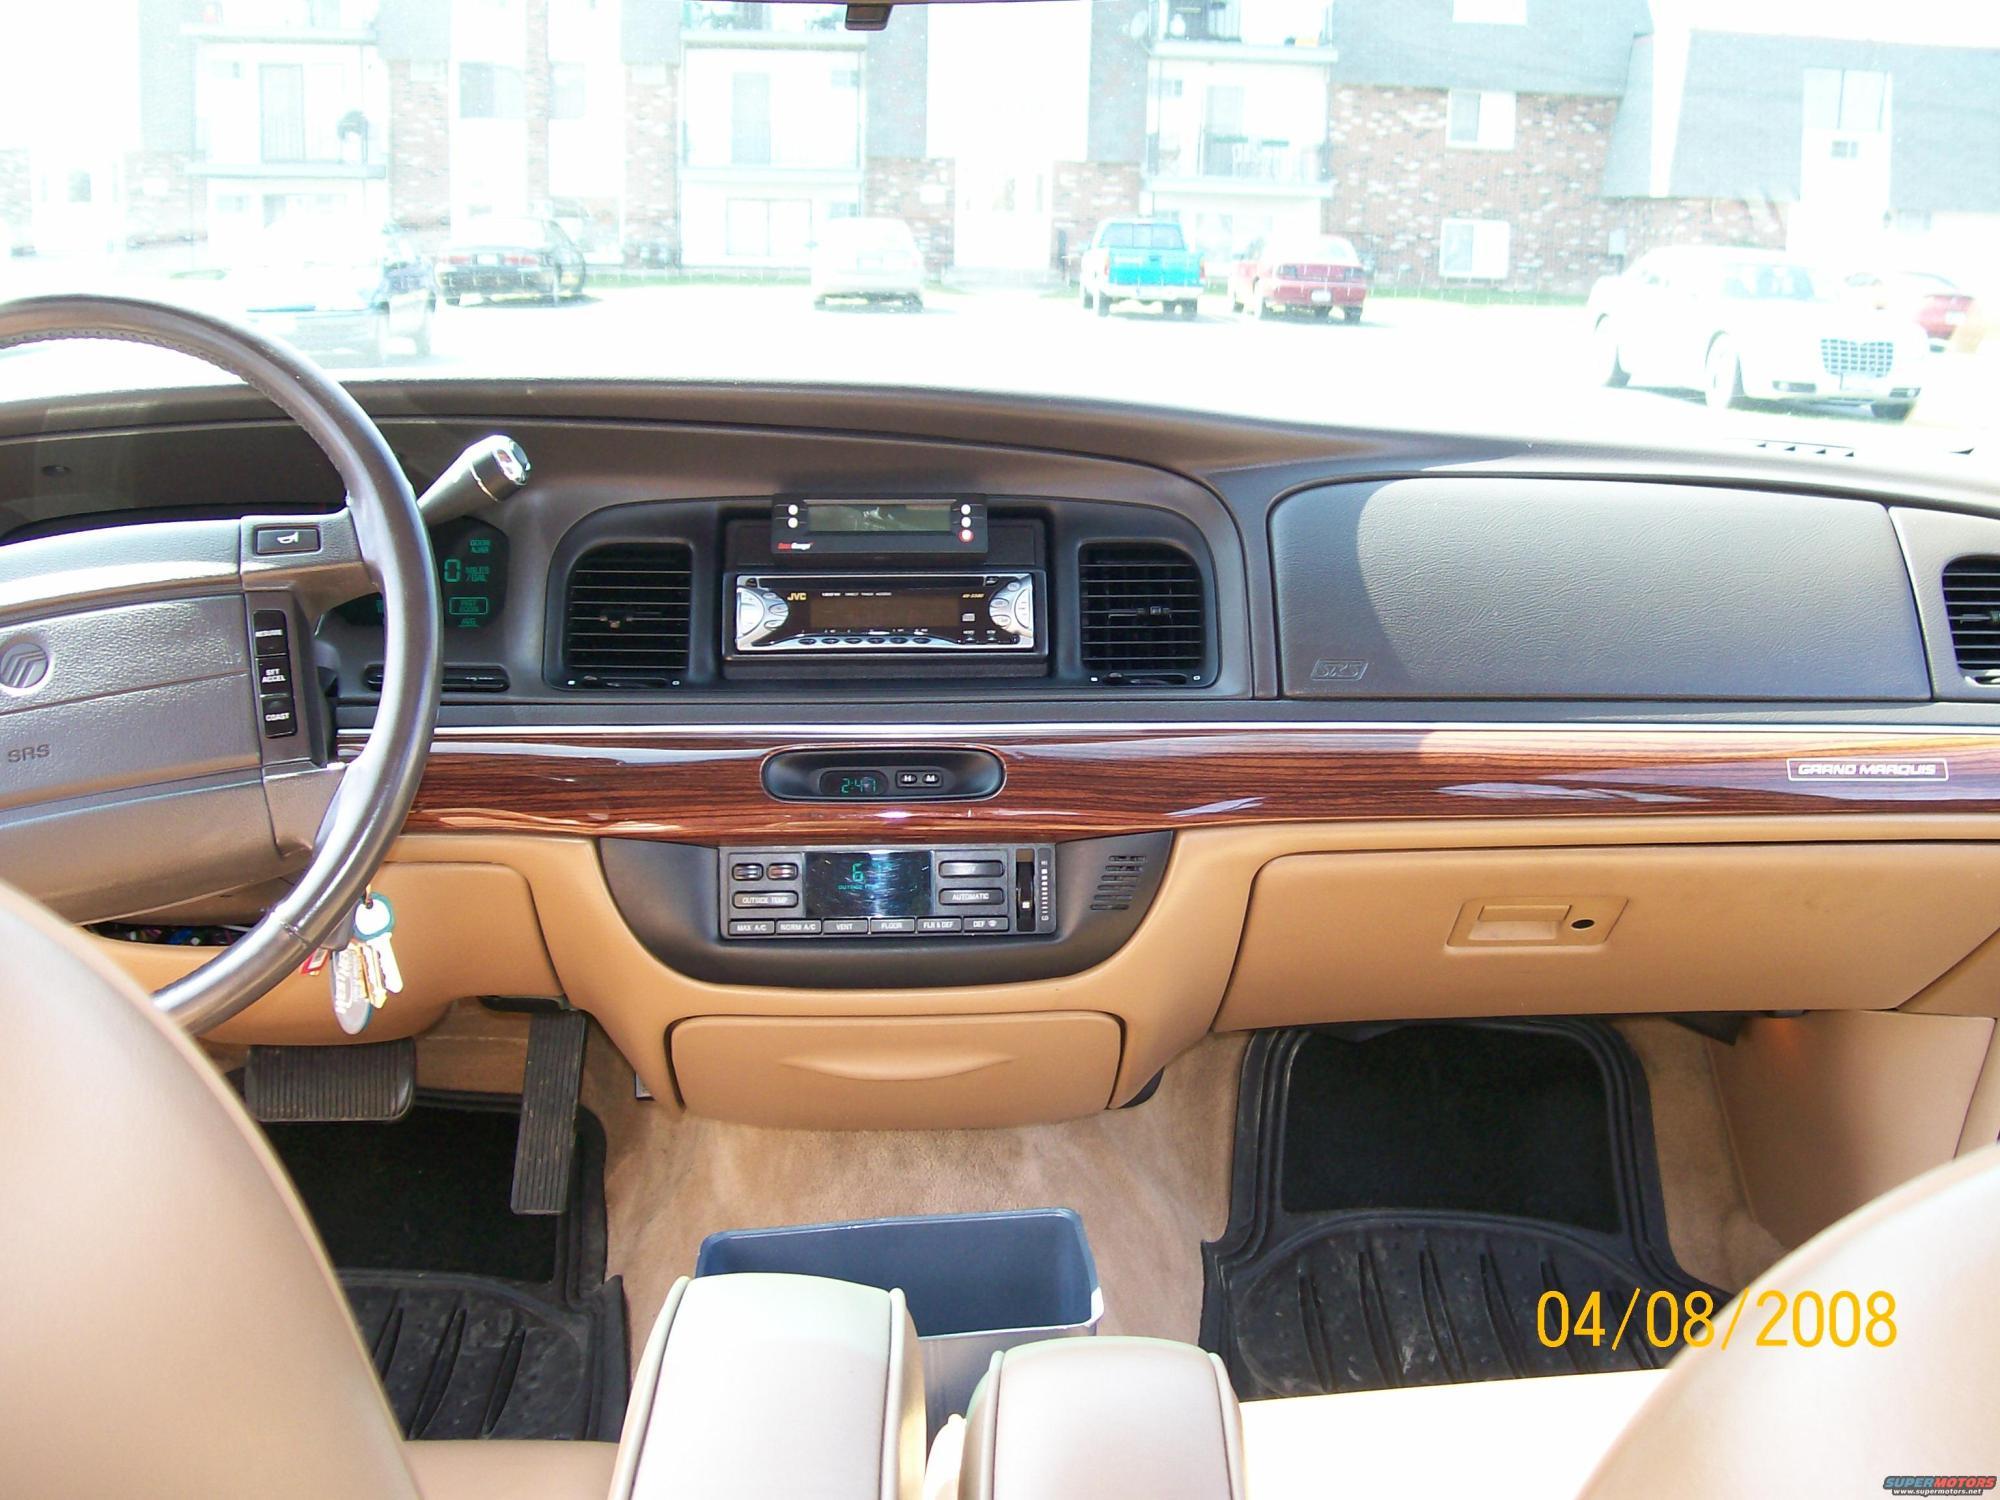 hight resolution of 1995 mercury grand marqui interior